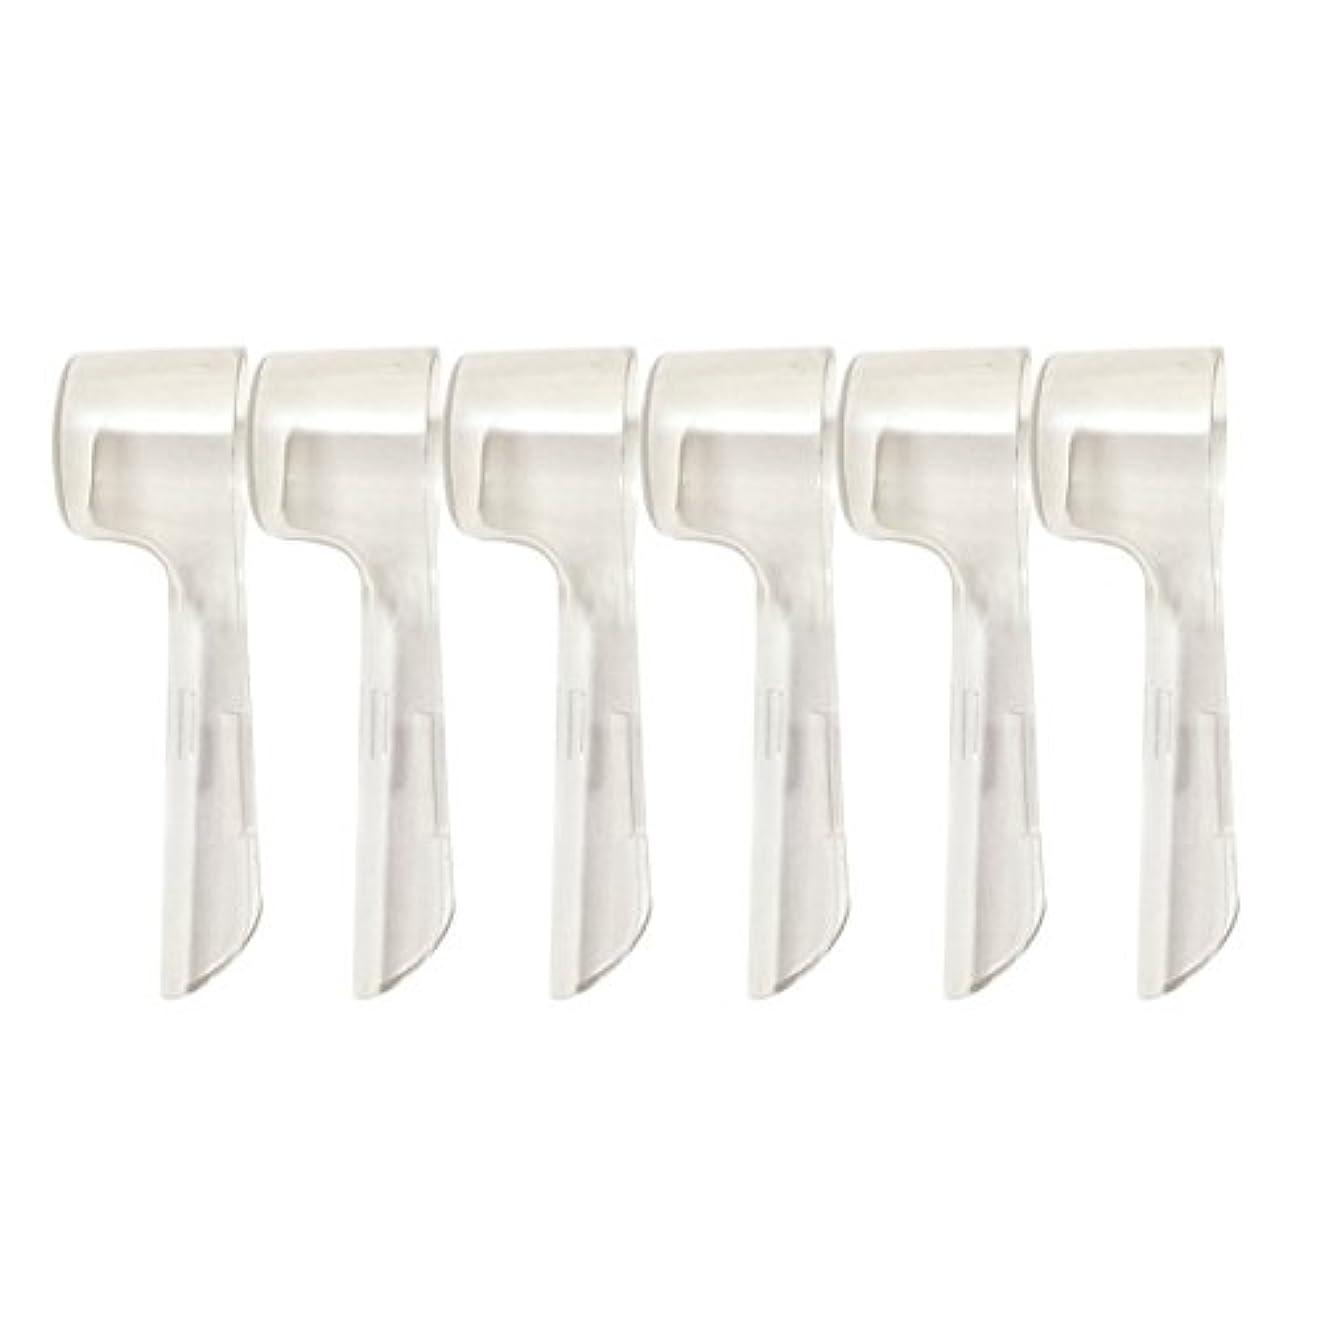 SUPVOX 旅行のために便利な電動歯ブラシのための6本の歯ブラシヘッドカバー